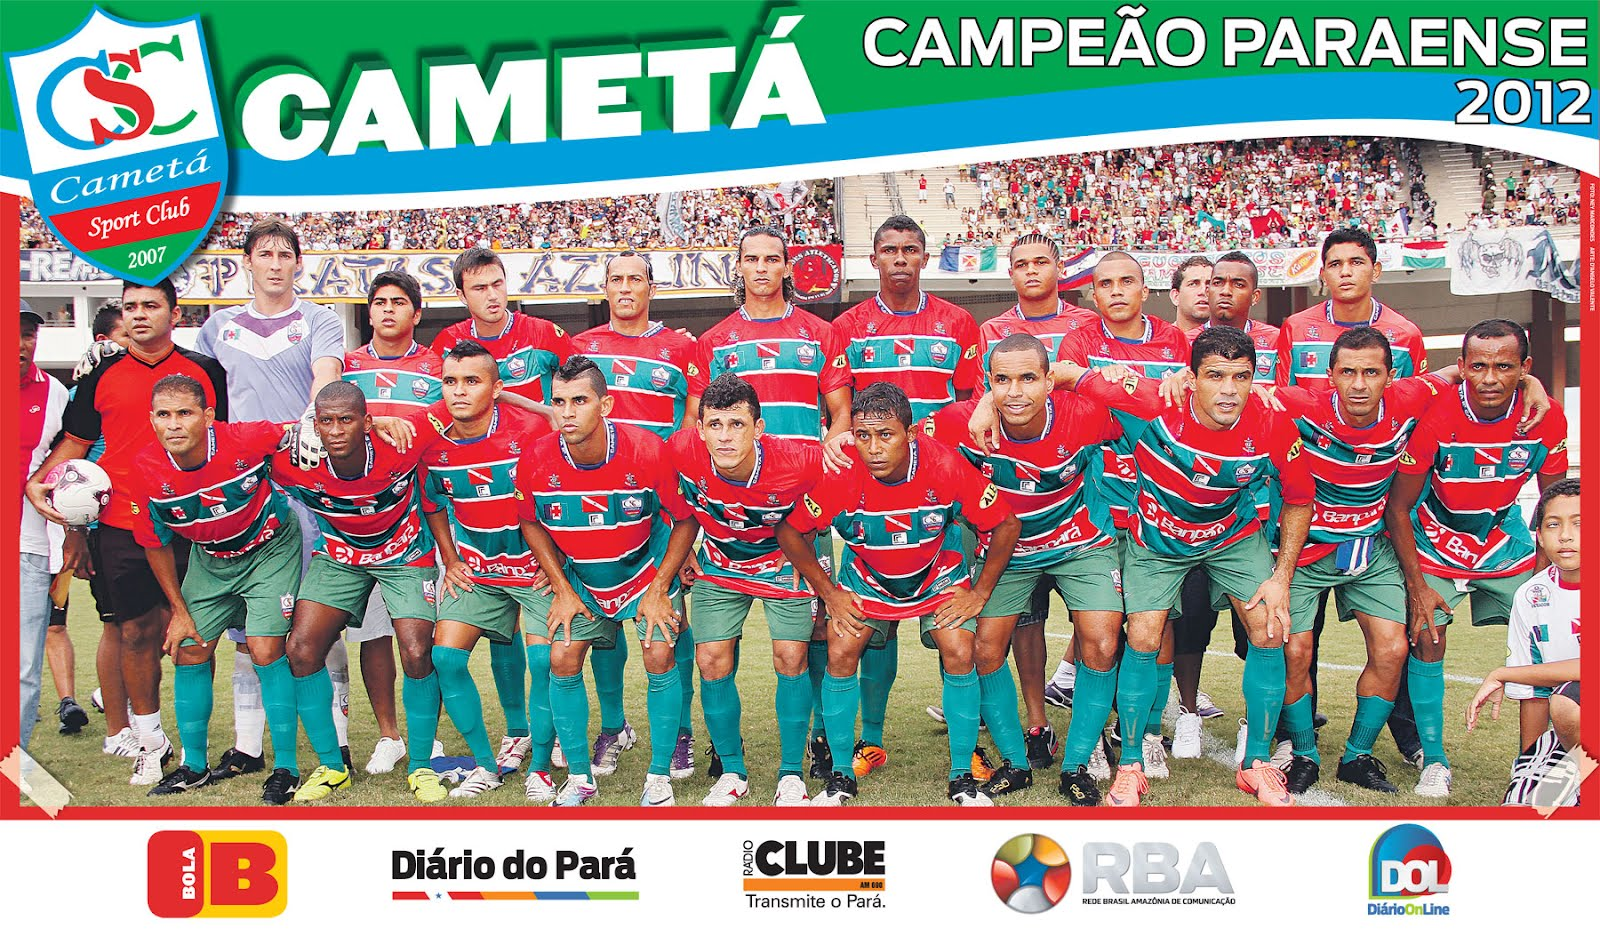 O outro lado da not cia camet campe o paraense 2012 for Cameta com